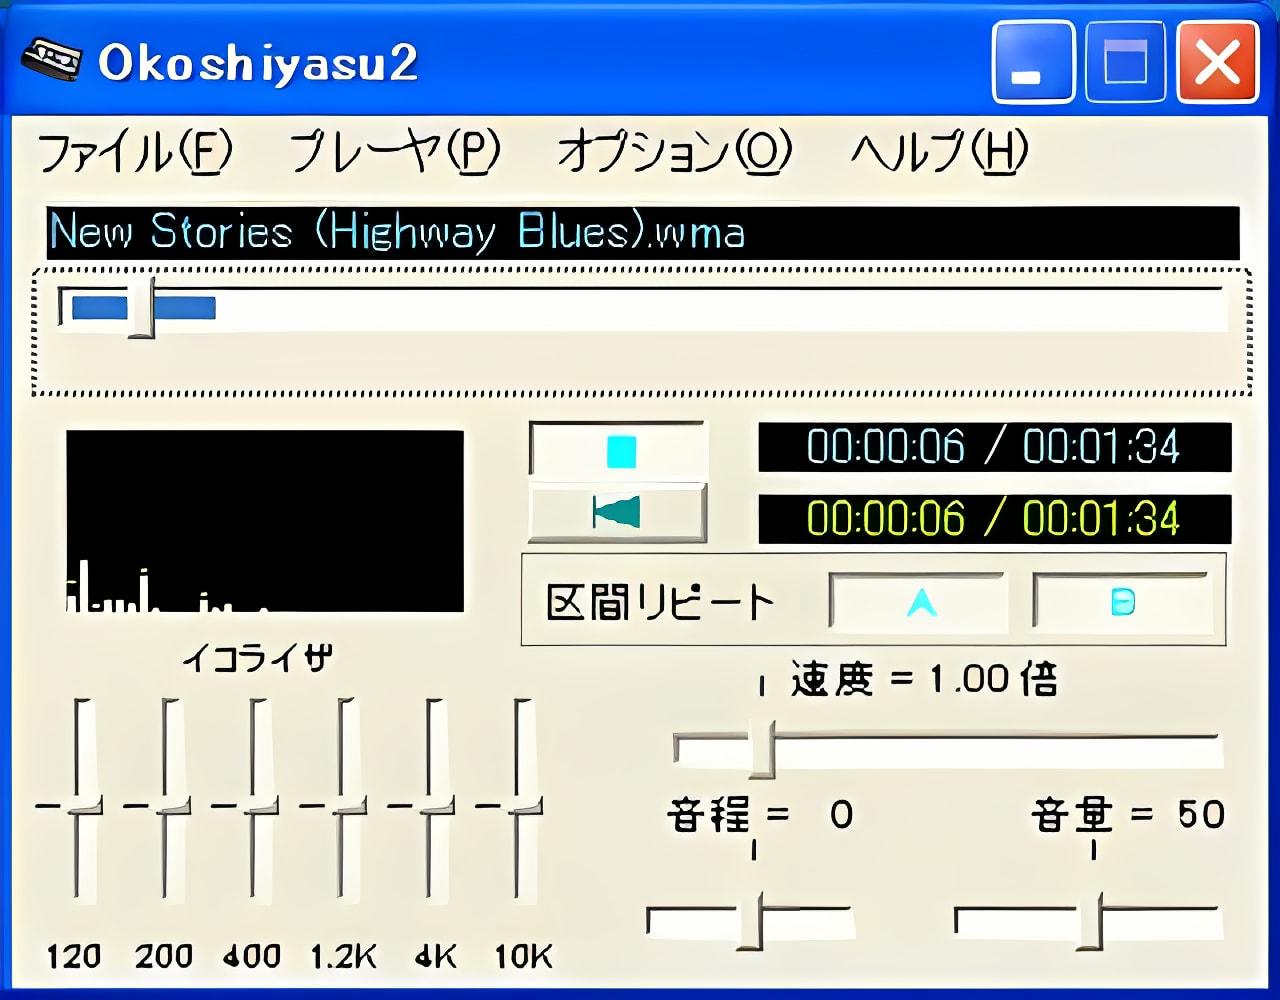 Okoshiyasu2